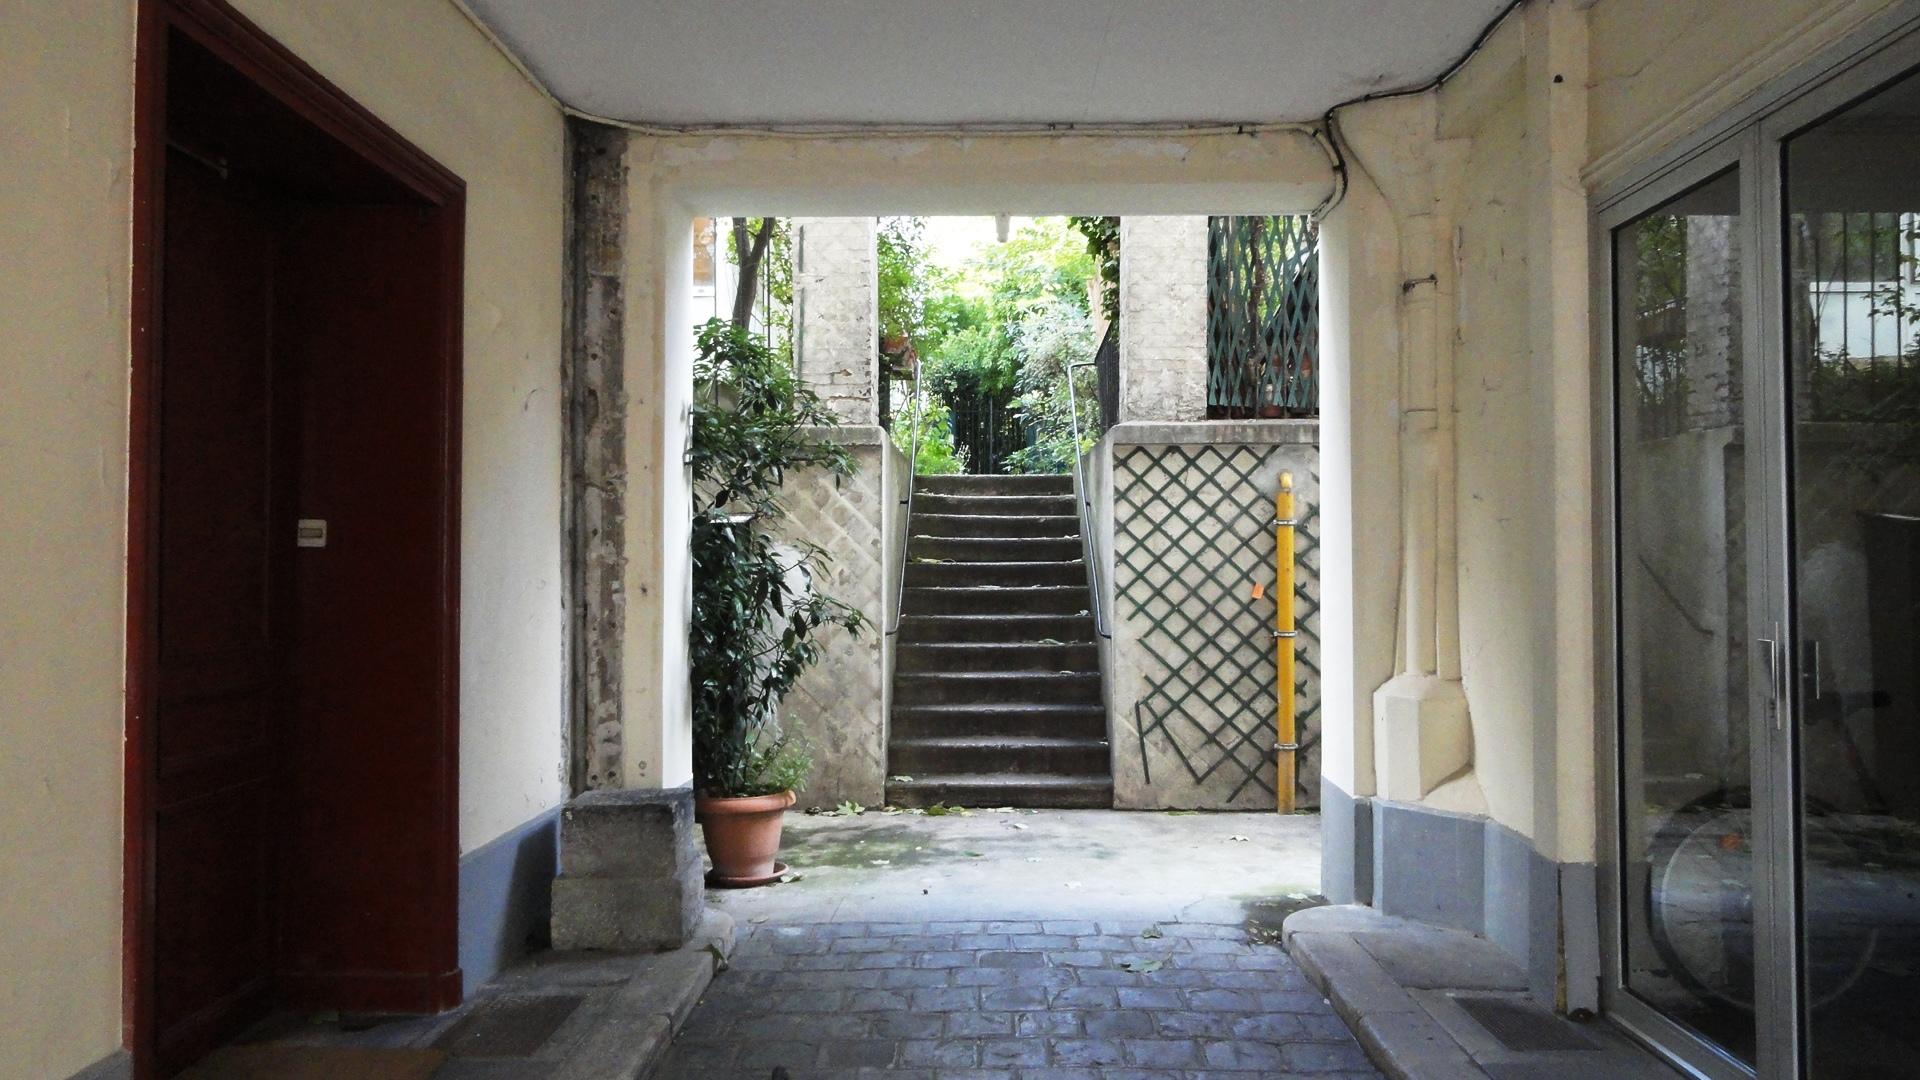 83 rue de Bagnolet - Arrière cour et escalier